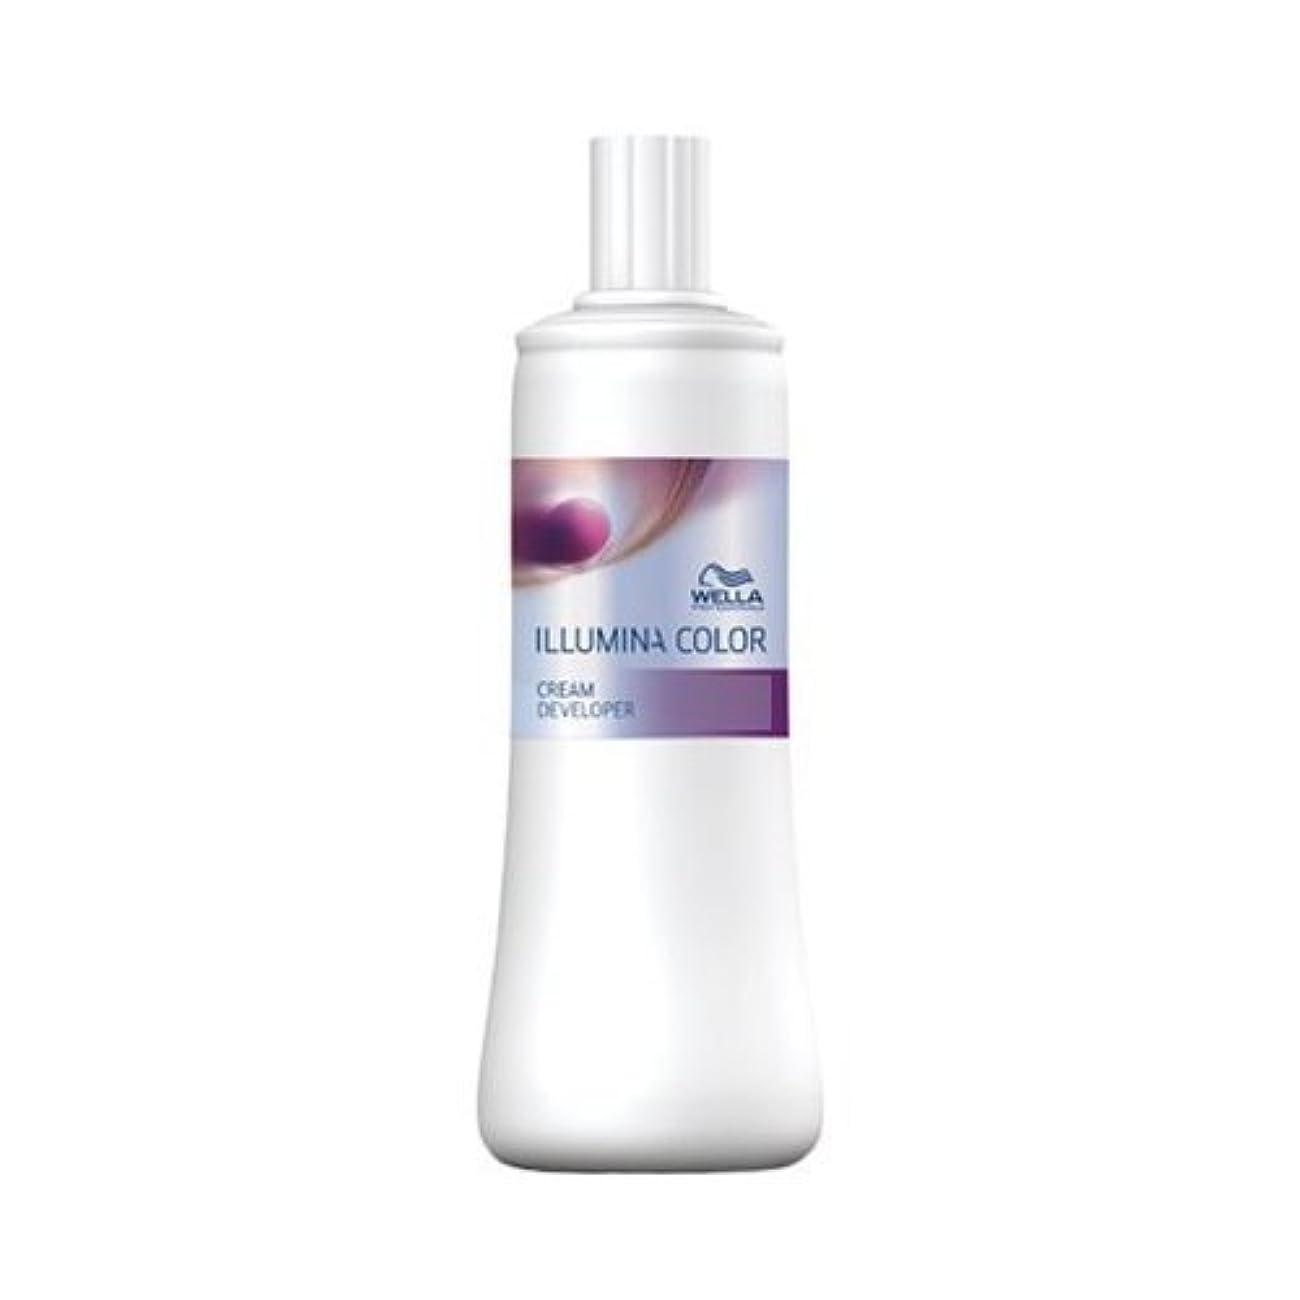 ウエラ イルミナカラー クリーム ディベロッパー 3% 1000ml(2剤)